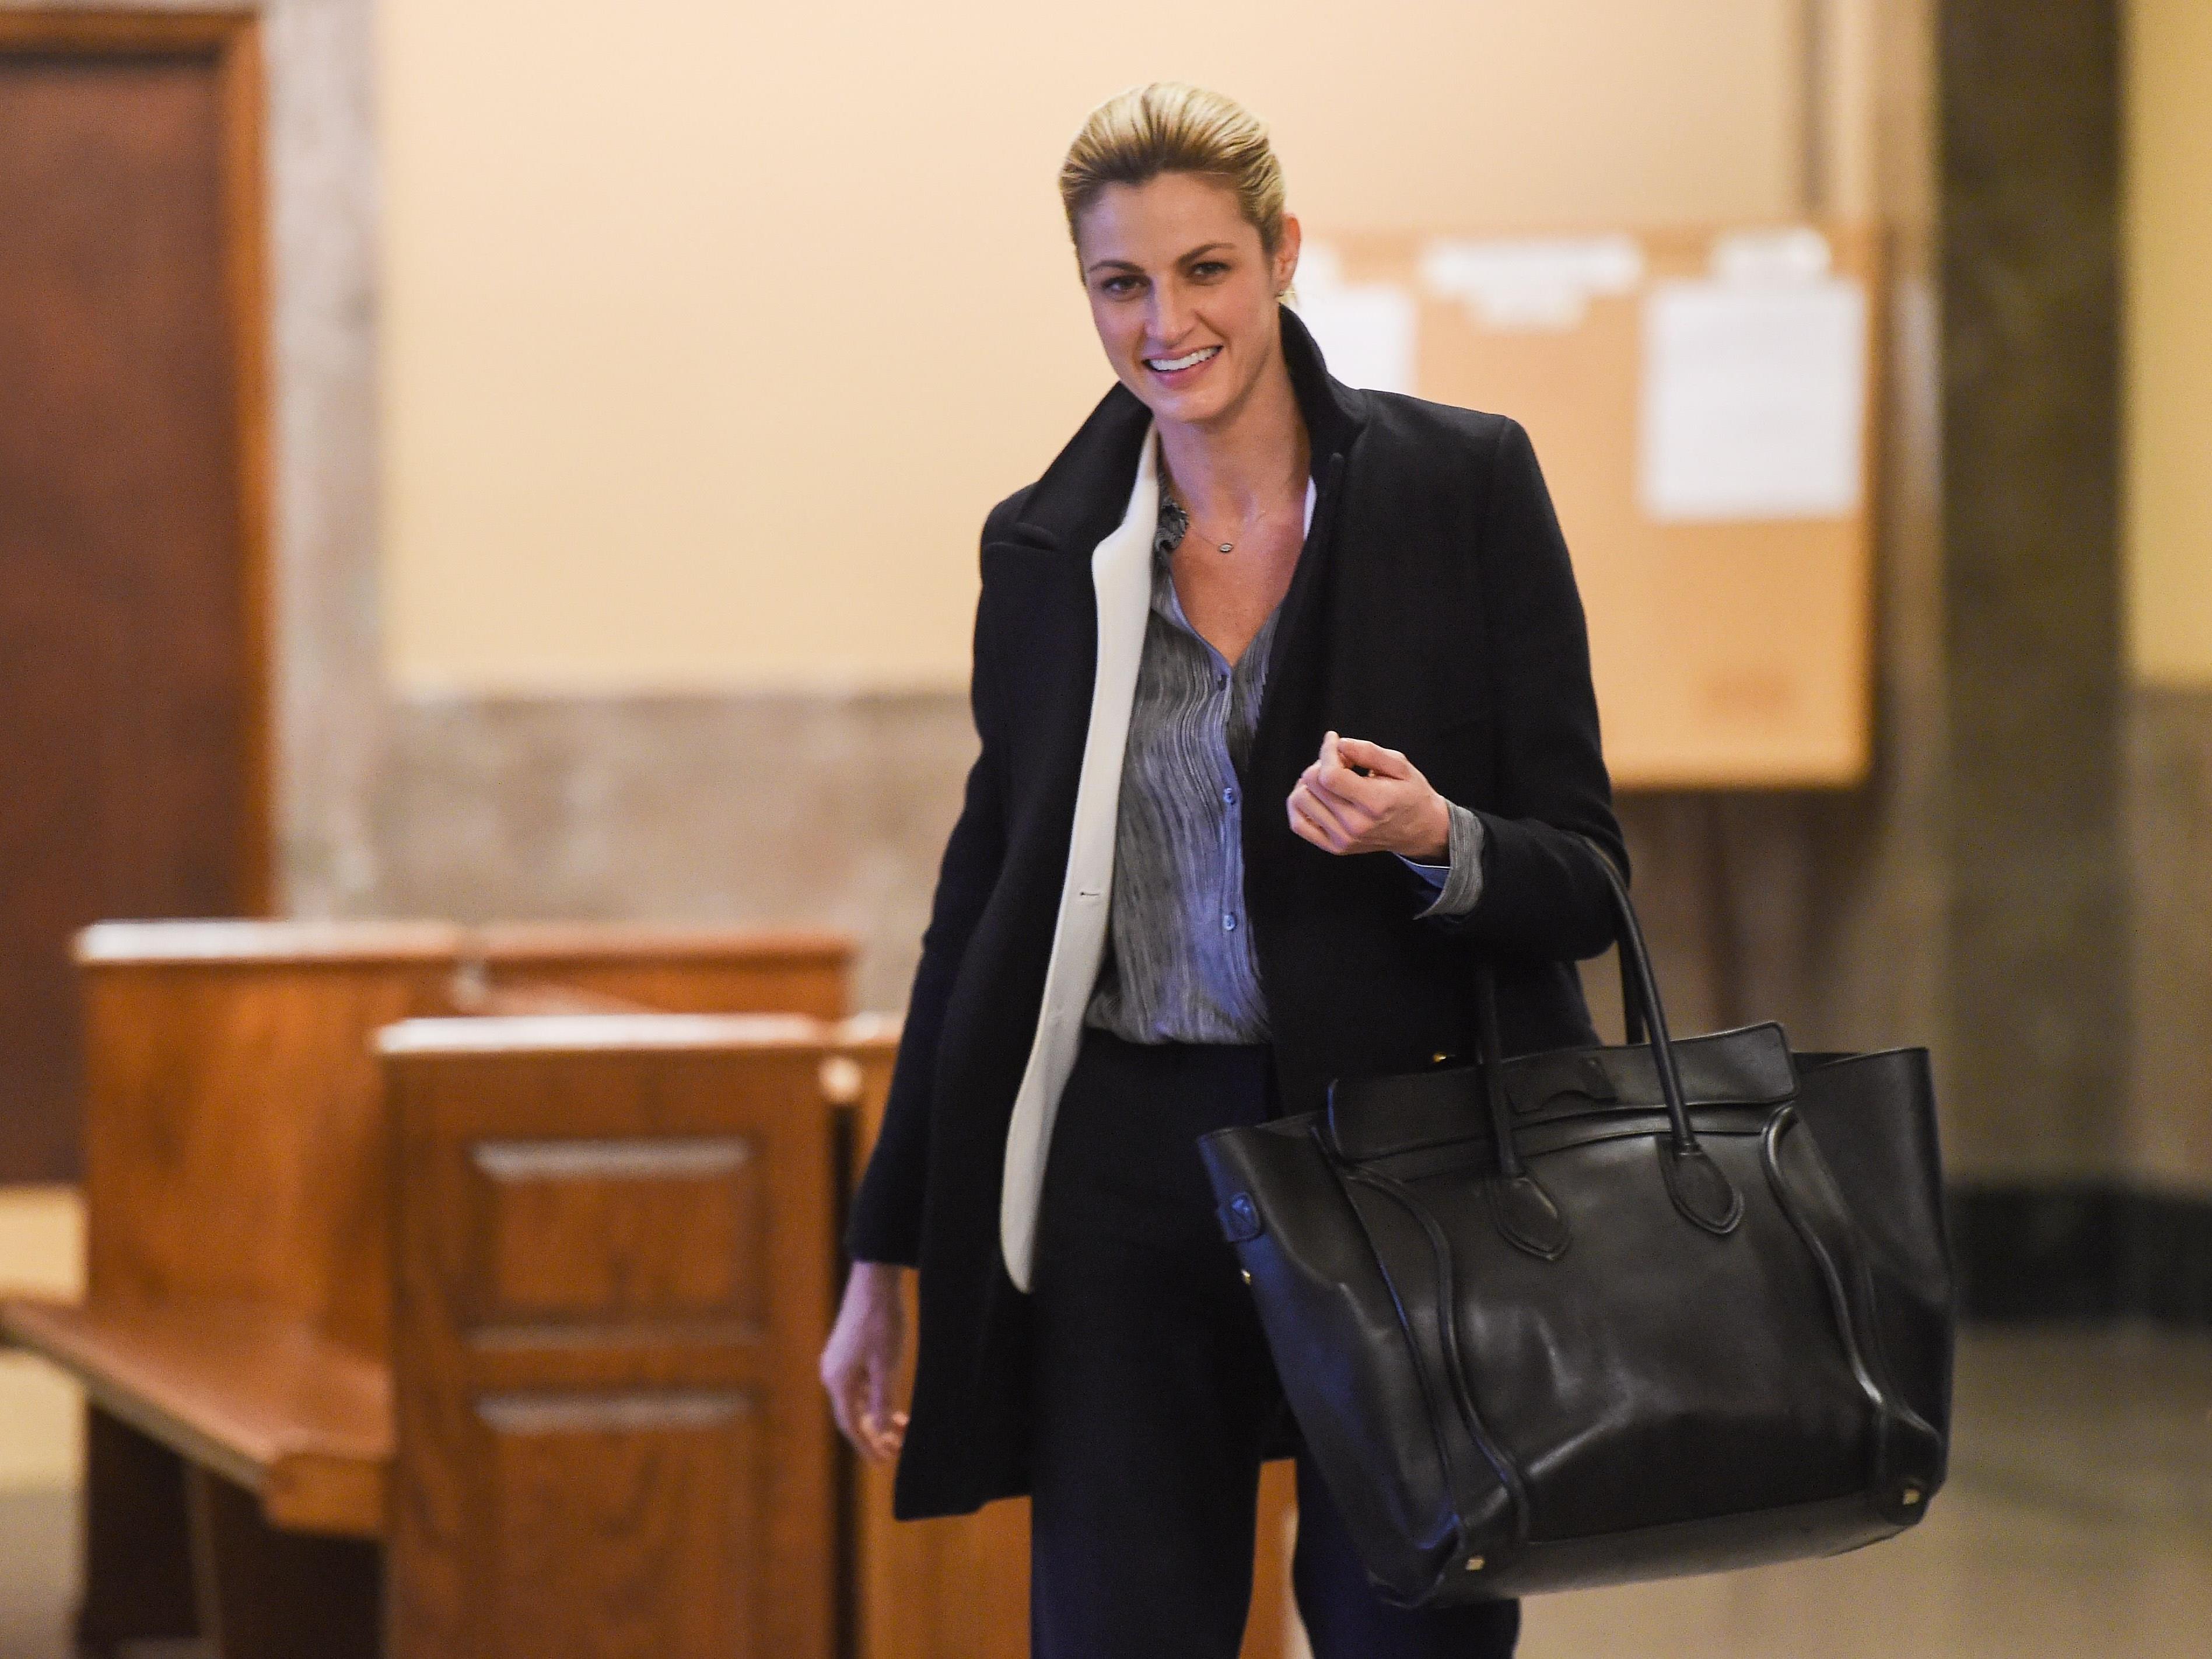 Erin Andrews wurde für das Nacktvideo 55 Mio. Dollar zugesprochen.